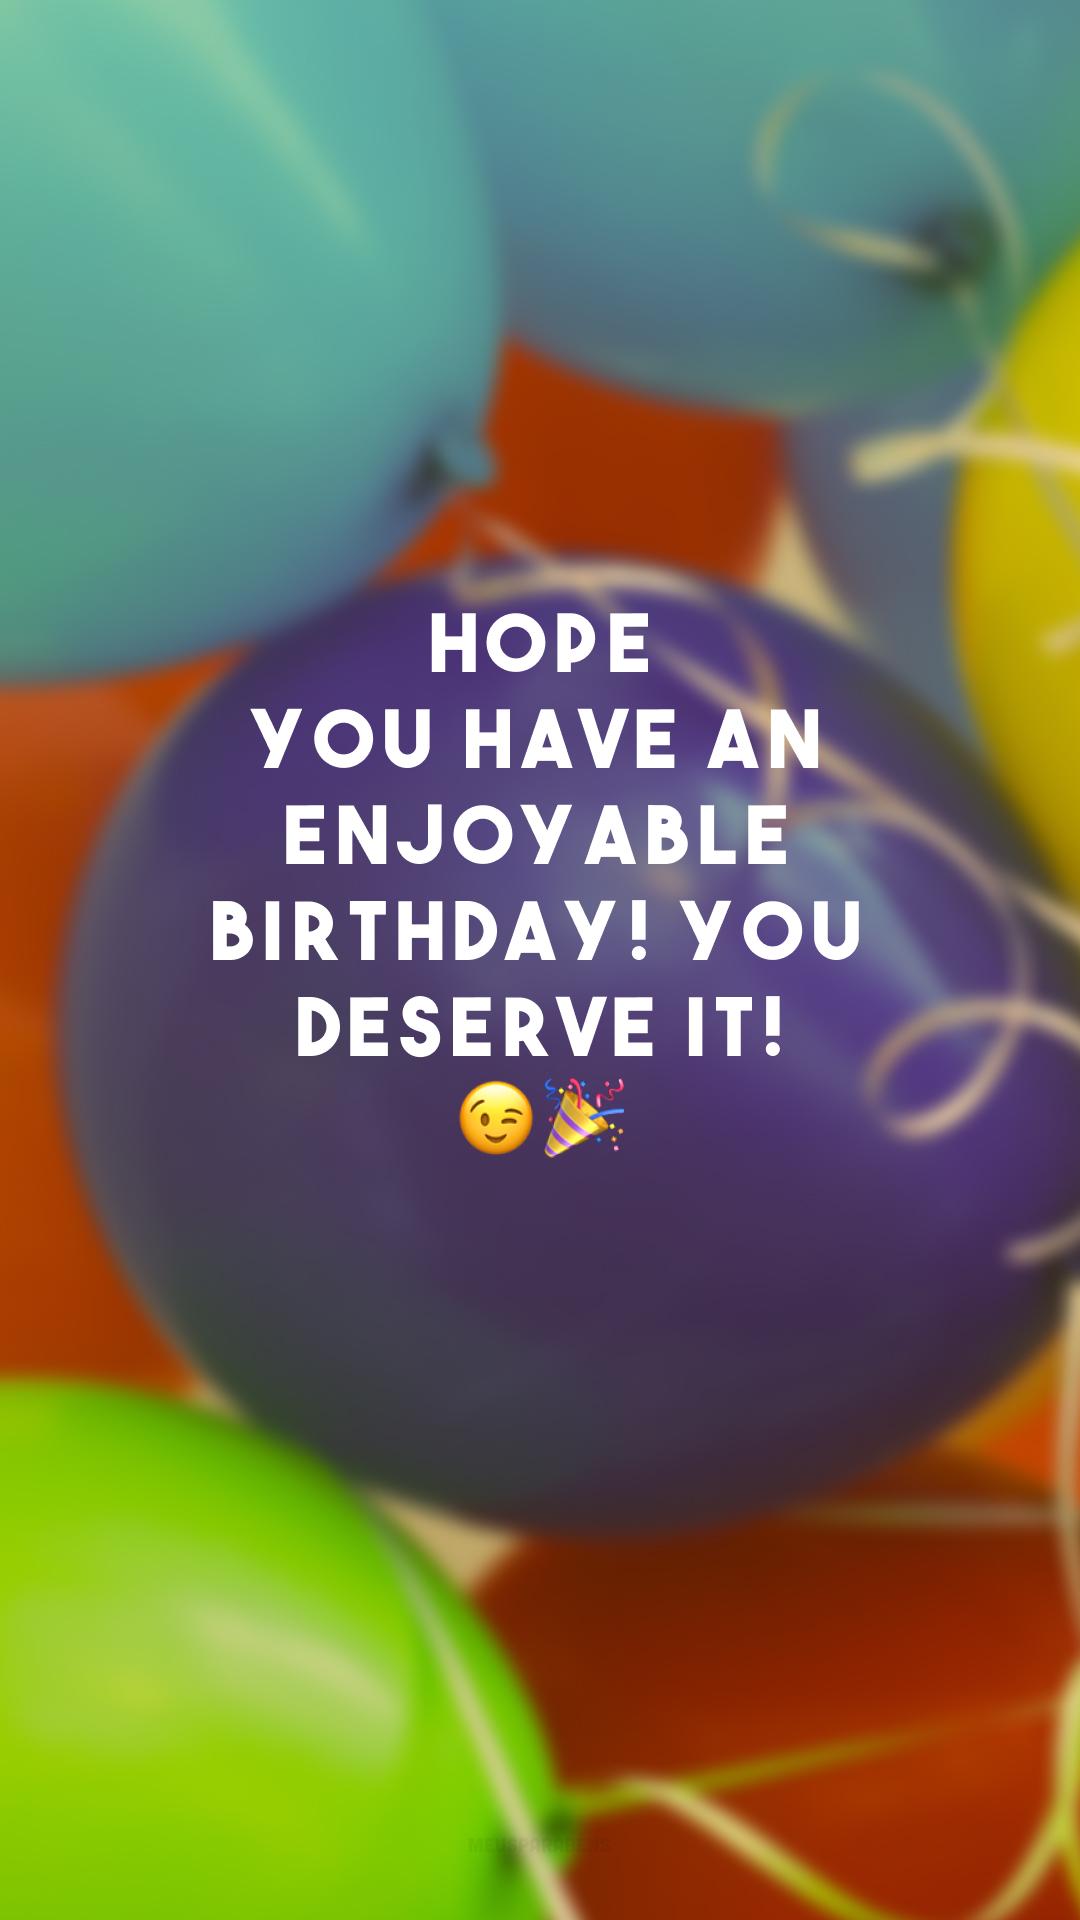 Hope you have an enjoyable birthday! You deserve it! 😉🎉 (Espero que você tenha um aniversário agradável! Você merece!)